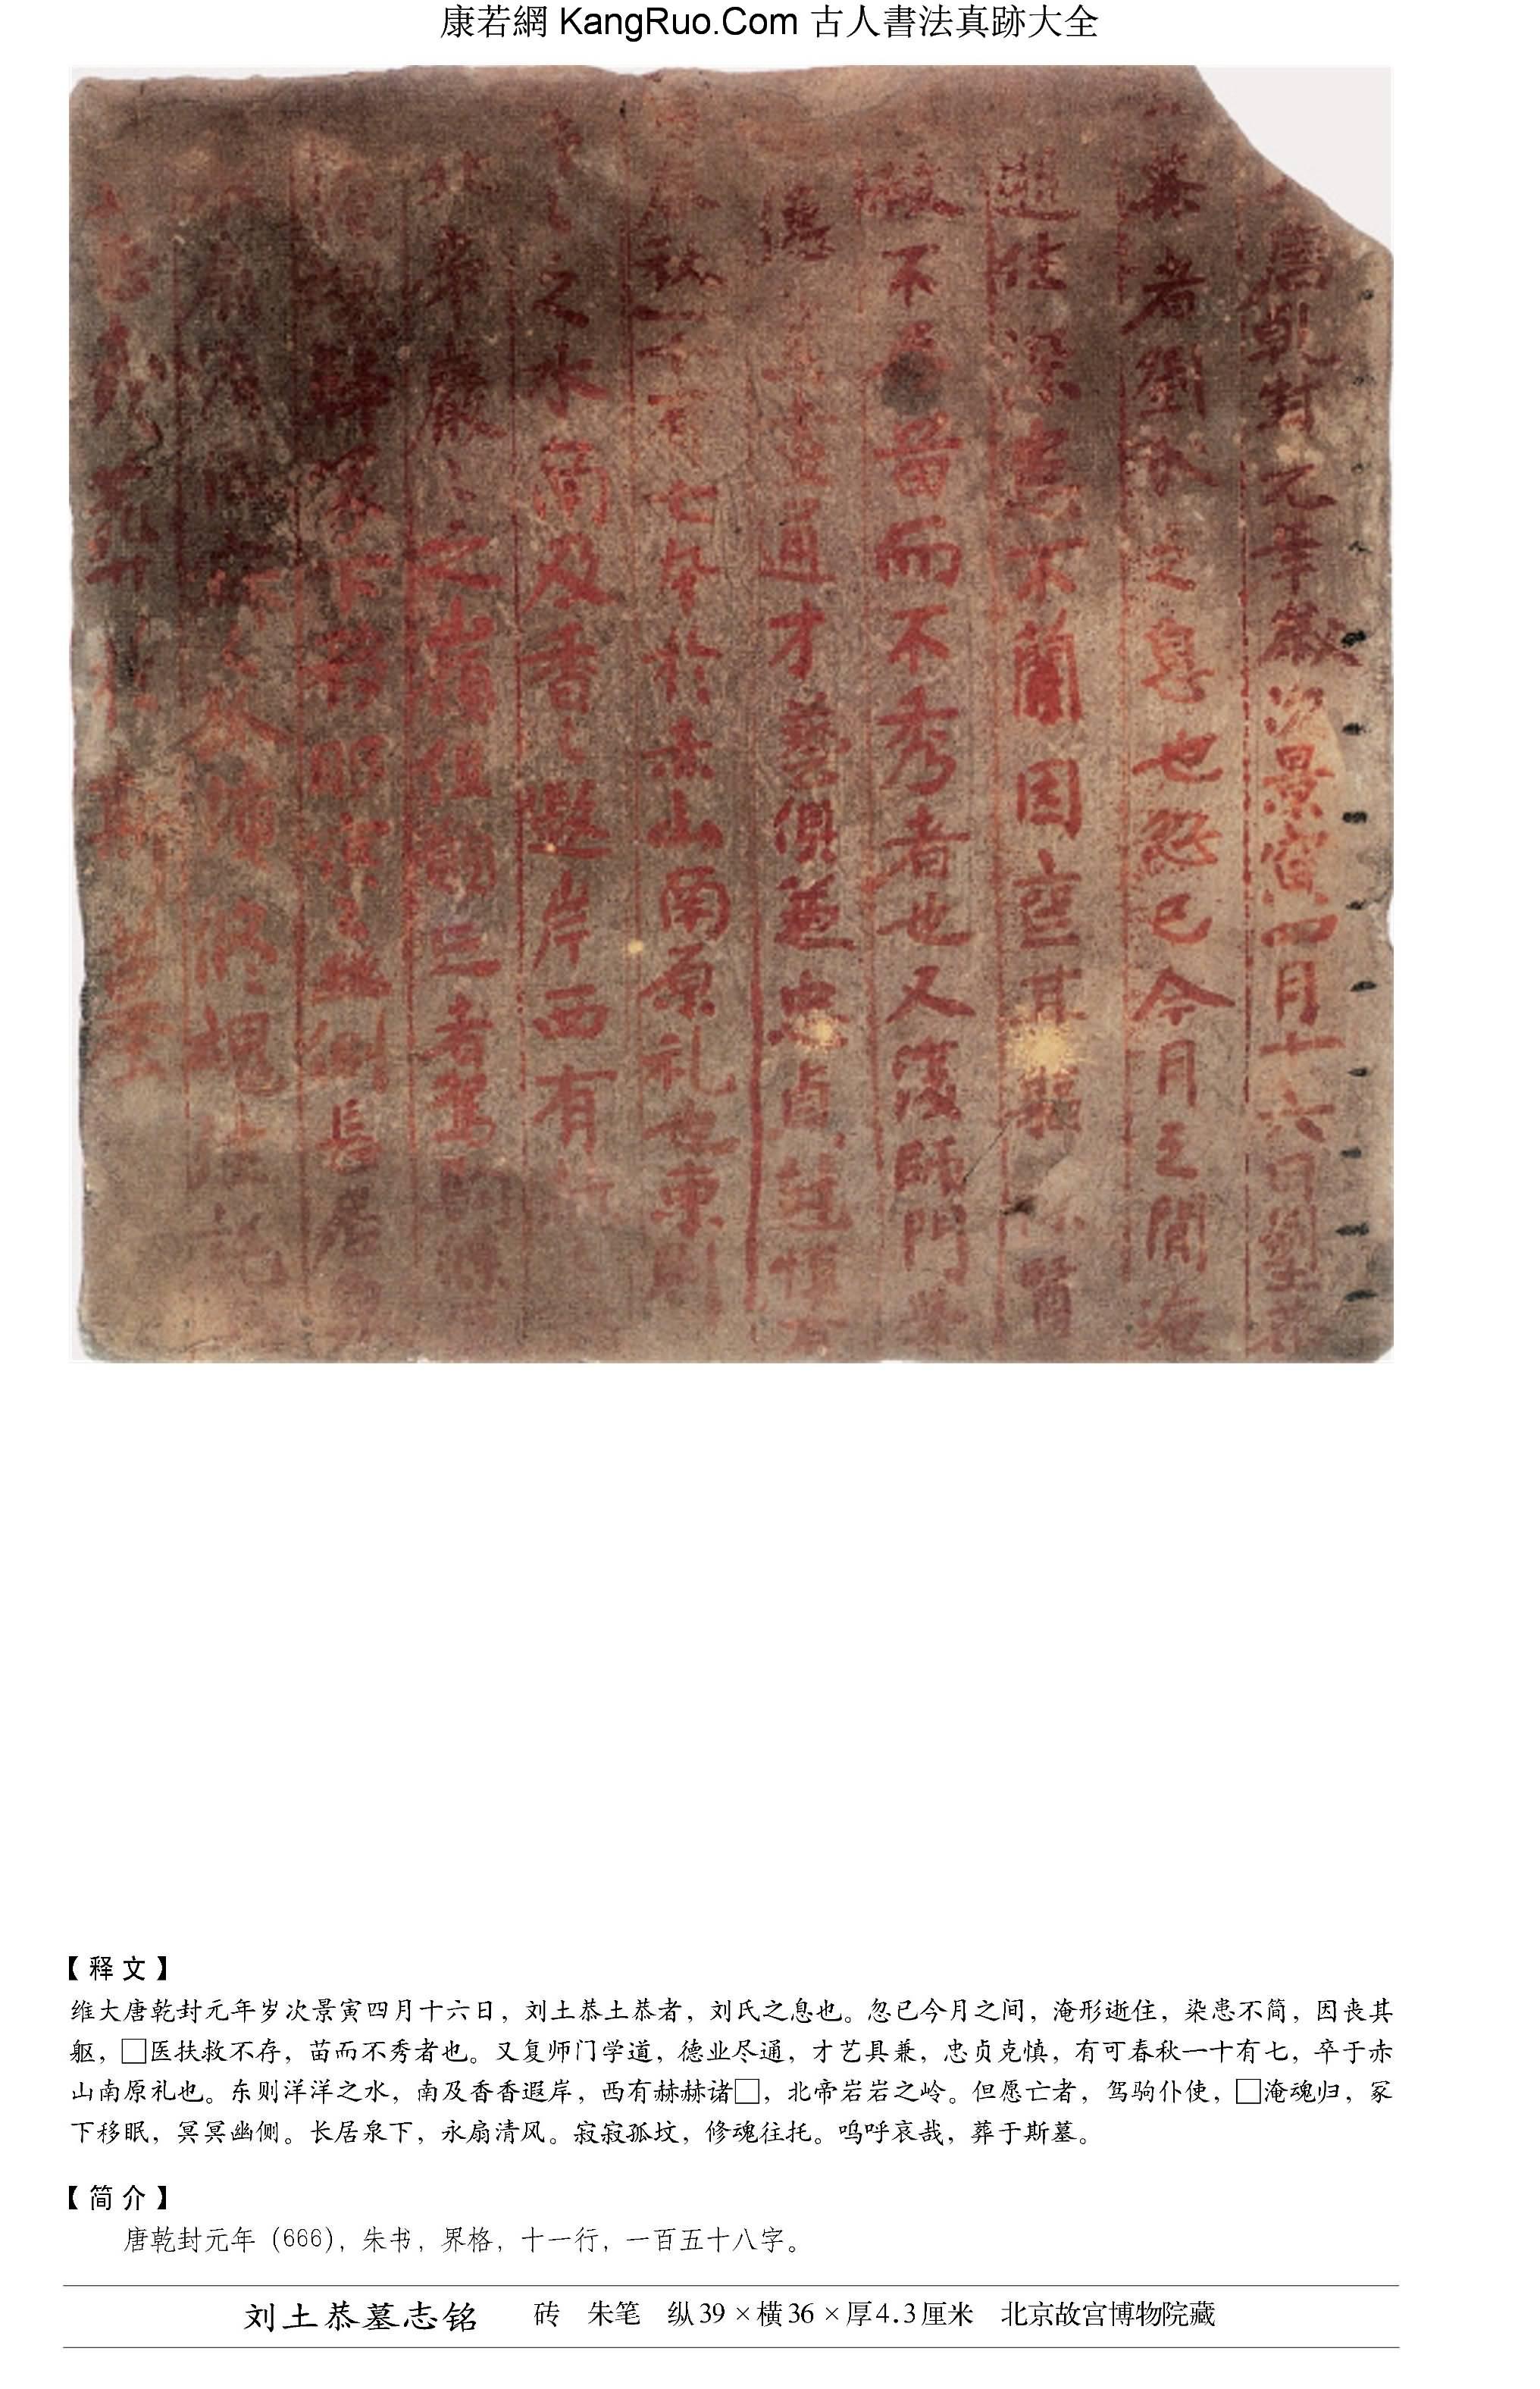 《劉土恭墓志銘》磚刻朱筆書法真跡【唐代·高昌磚】_00050